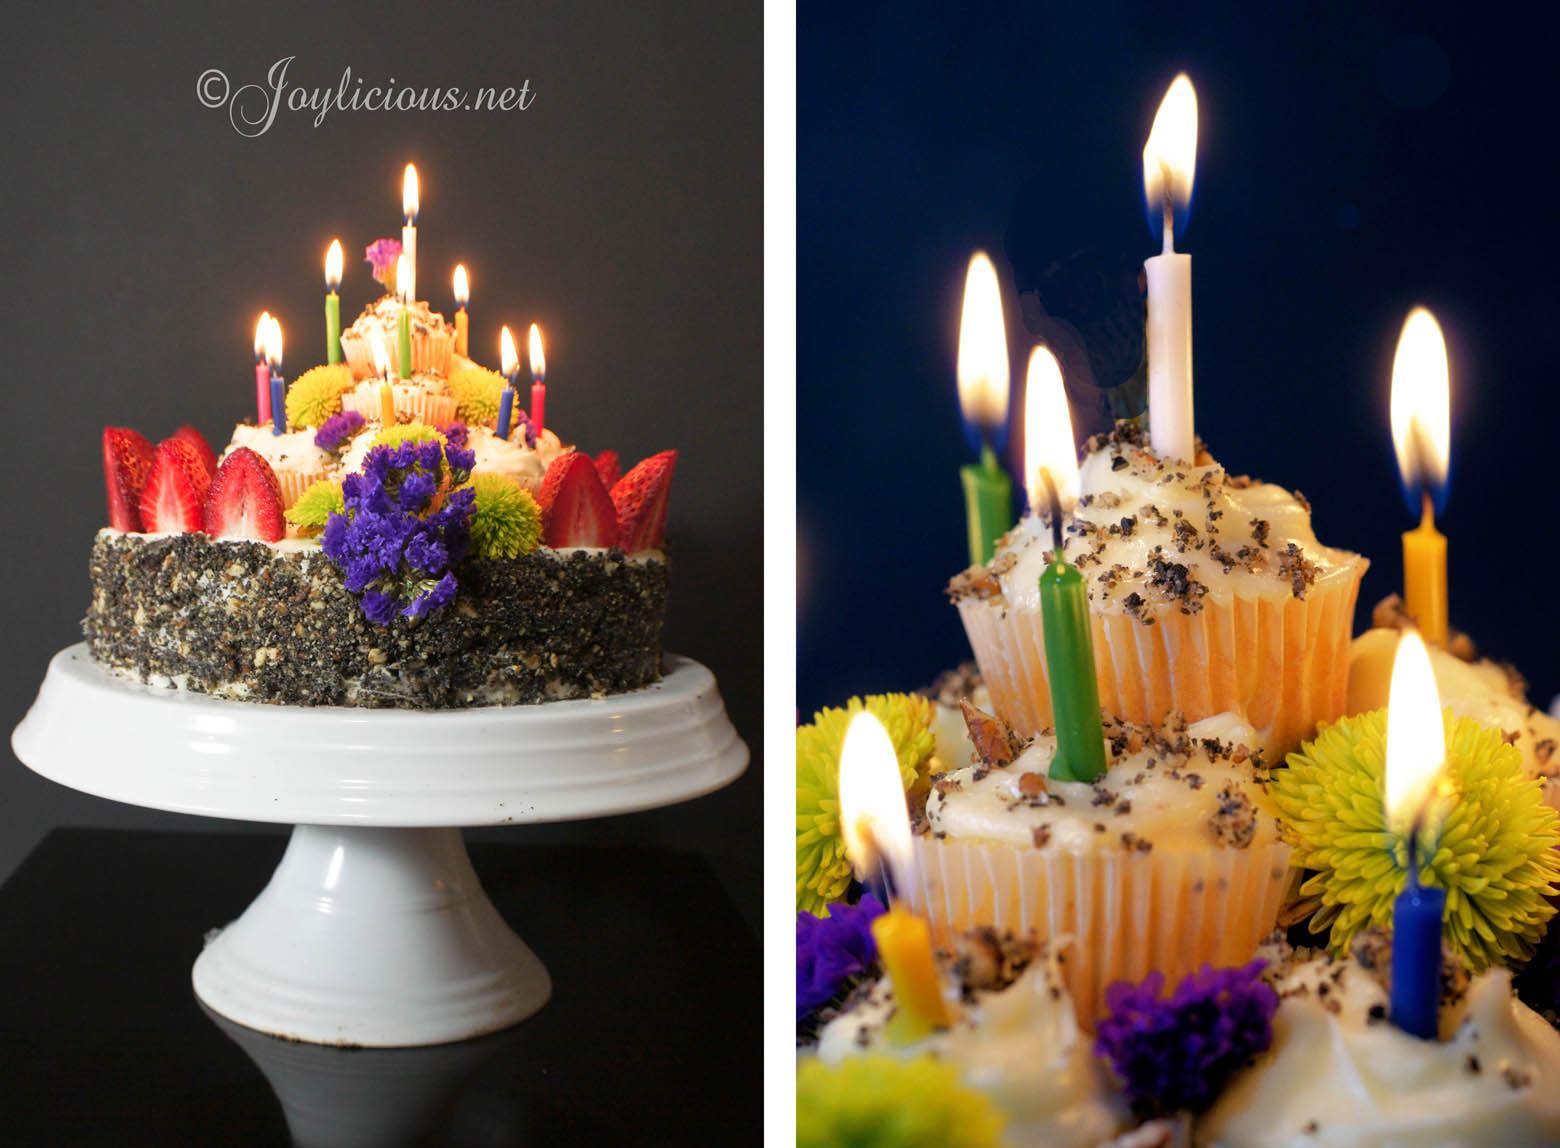 Happy Birthday To Mary Moh Capturing Nirvana